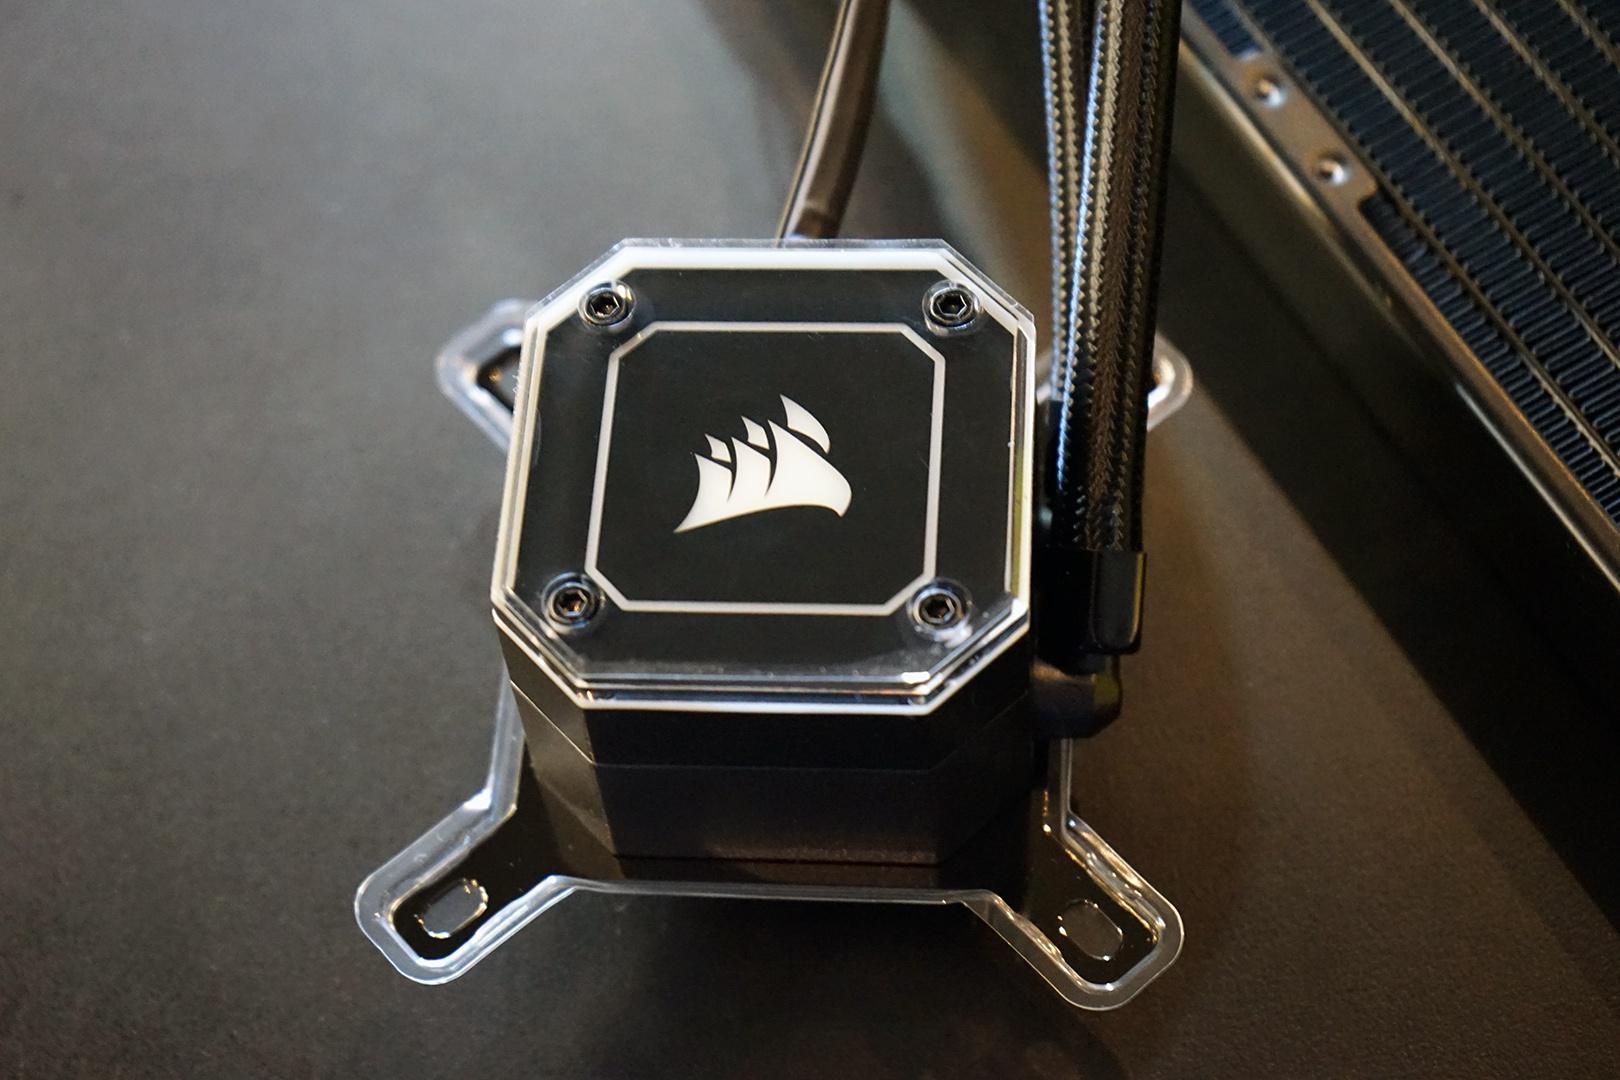 Giải nhiệt cho PC game cao cấp nhất với Corsair iCue H170i Elite Capellix - ảnh 1